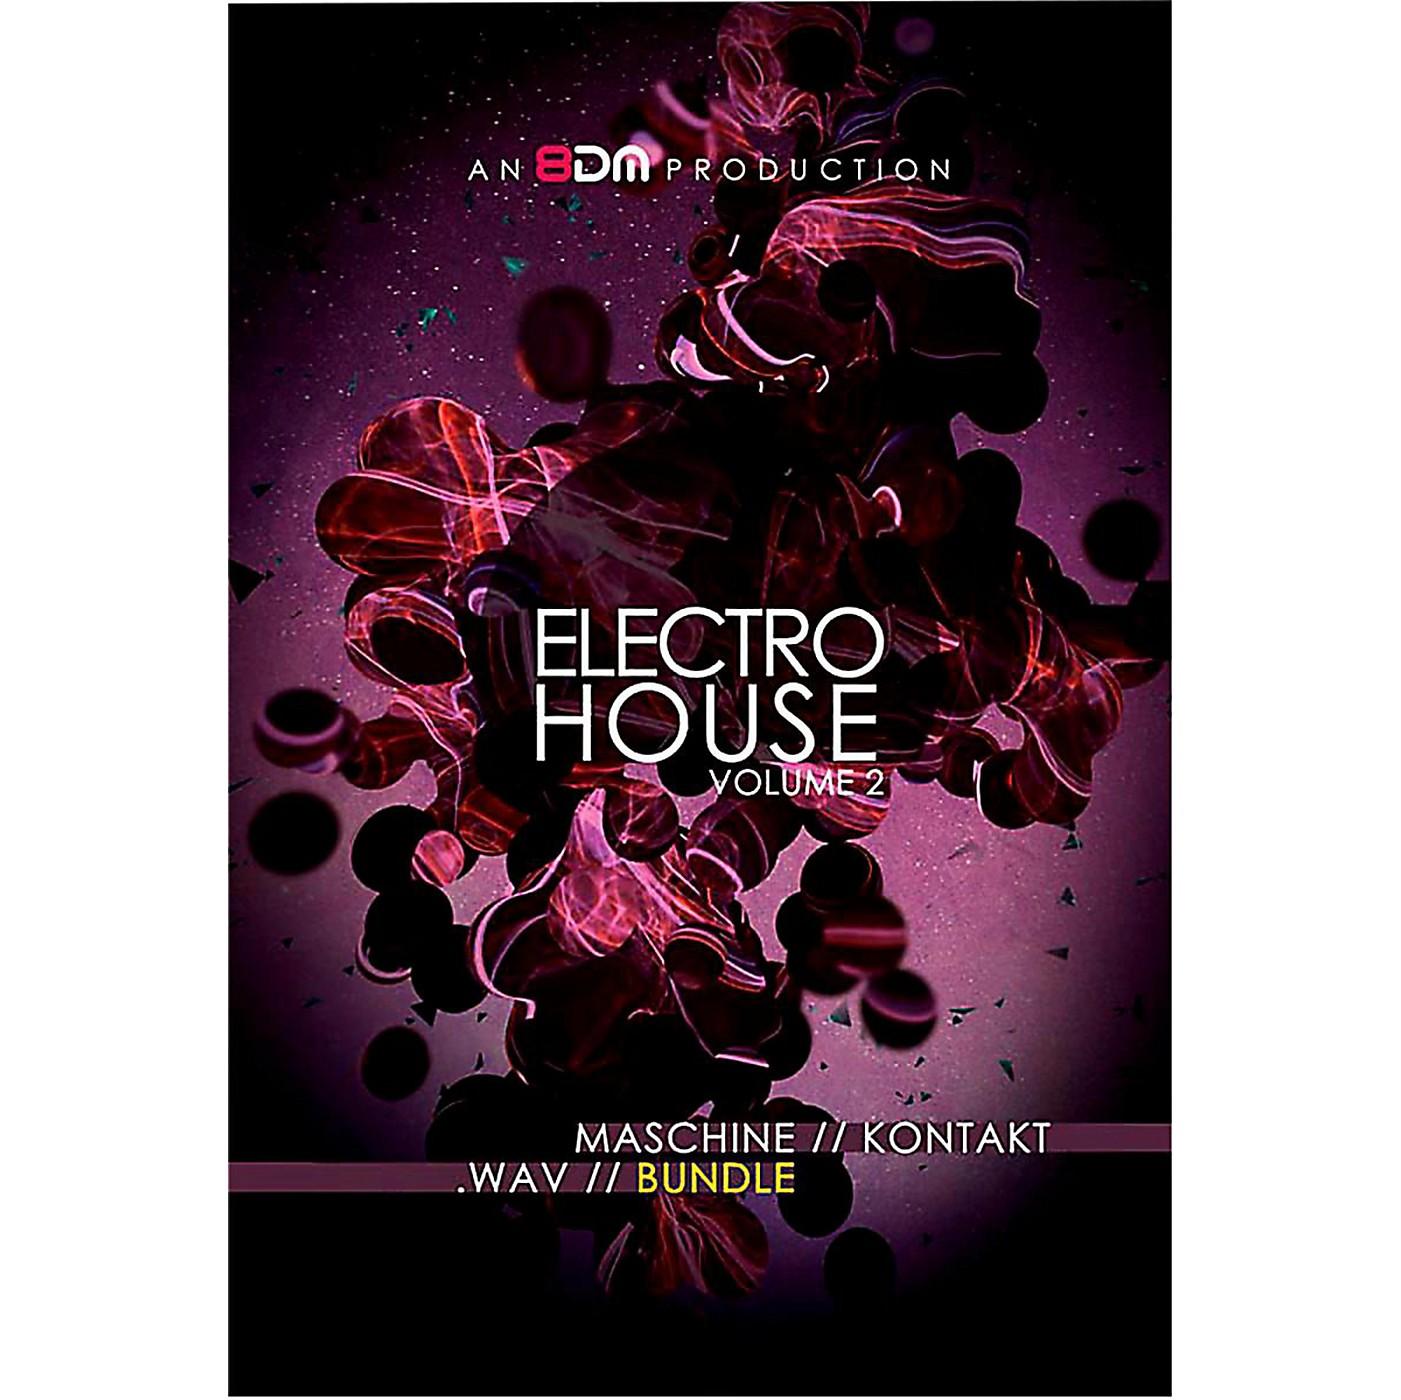 8DM Electro House Vol 2 Bundle (Wav/Kontakt/Maschine) thumbnail